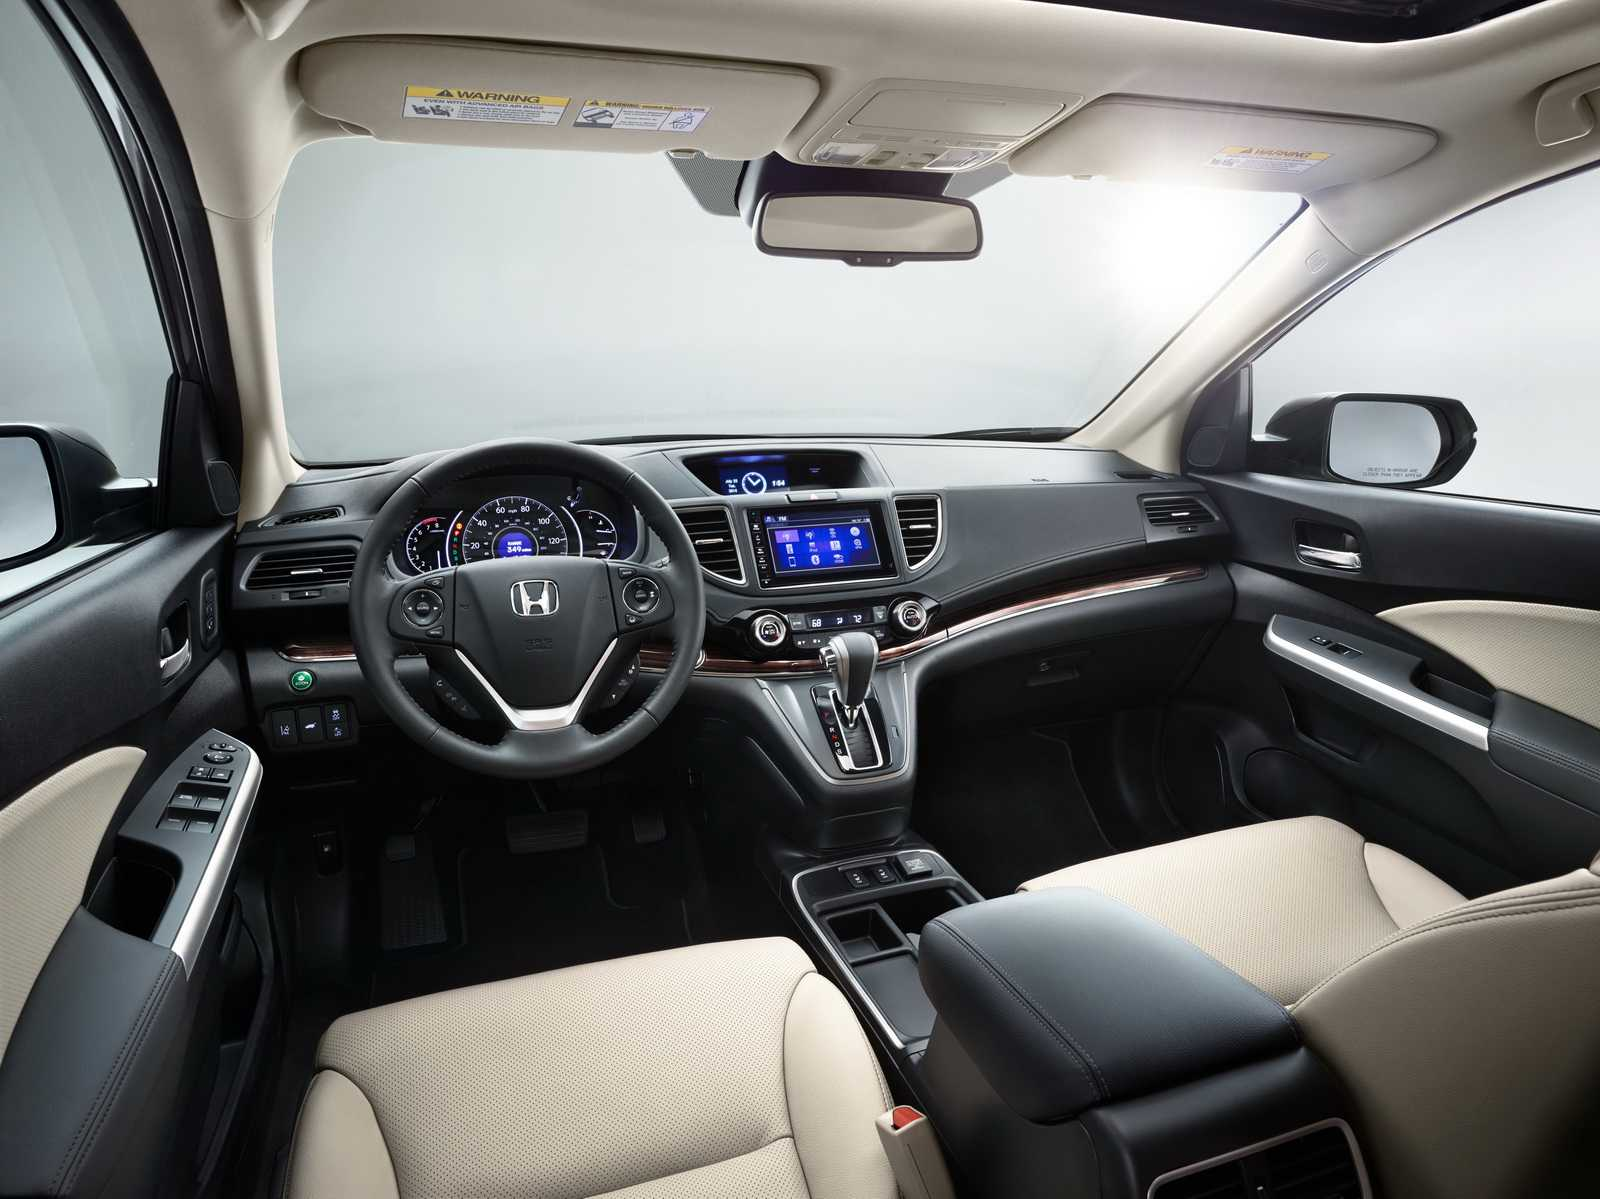 Hai chiếc xe đều sở hữu không gian nội thất khá tương xứng với phân khúc và giá bán của mình